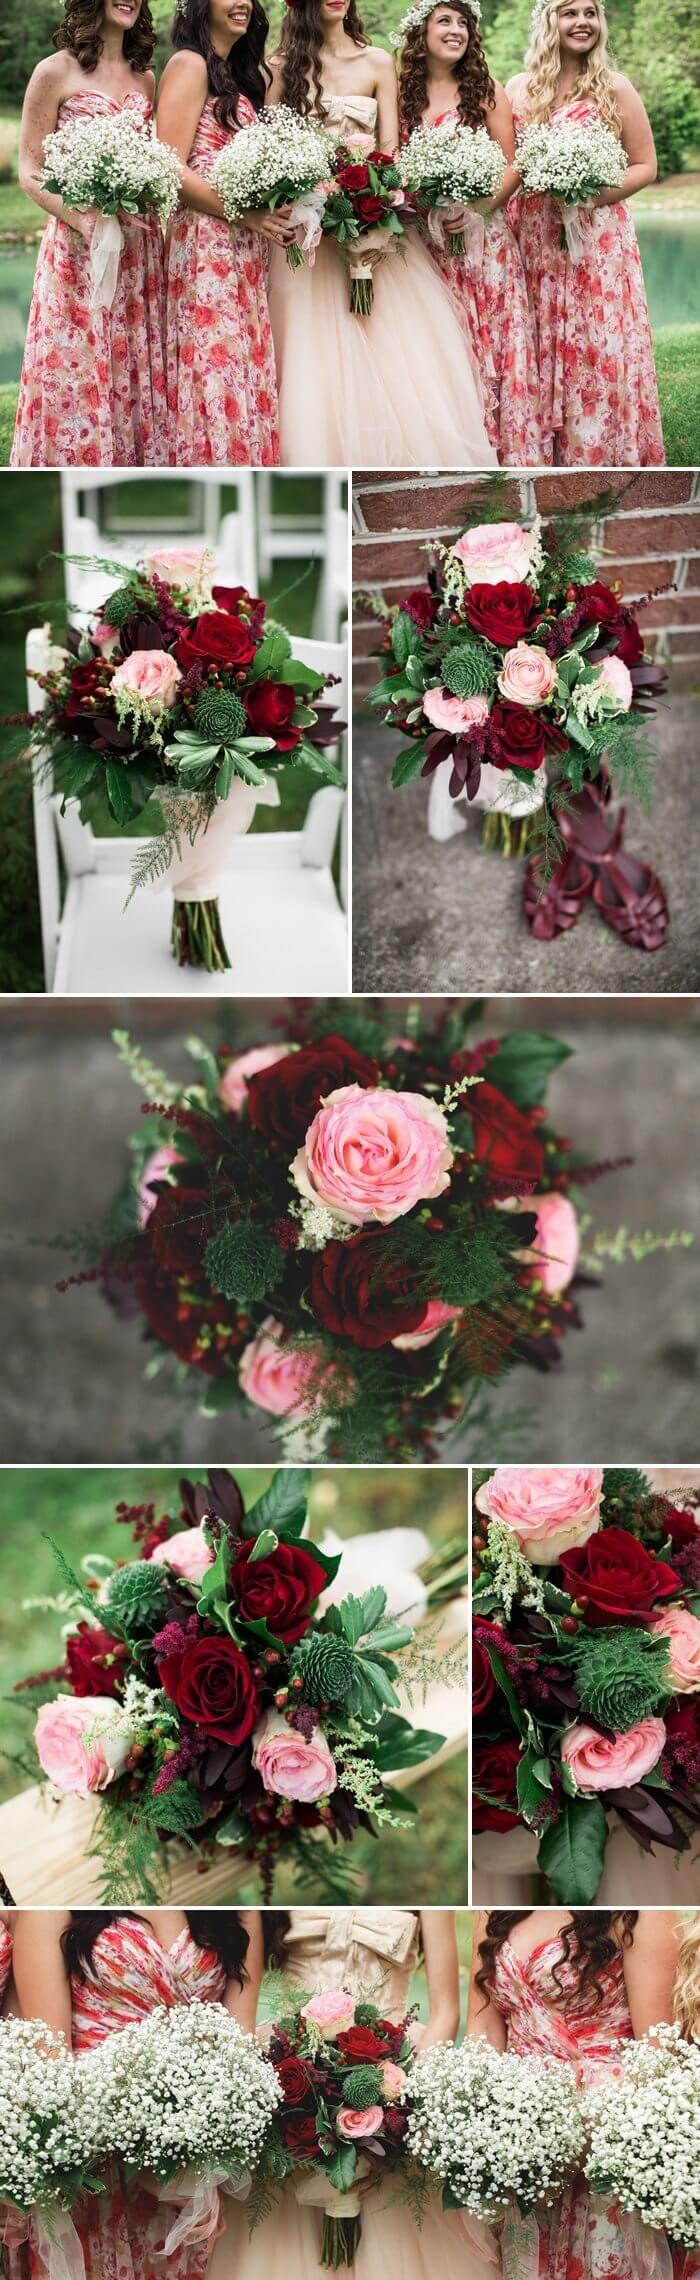 Der Brautstrauß hielt sich passend dem Motto ganz in bordeaux und Rose. Die Brautjungfern stellten den schönen Brautstrauß mit ihrem Sträußen aus Schleierkraut in den Fokus. I © Jasmine White Photography